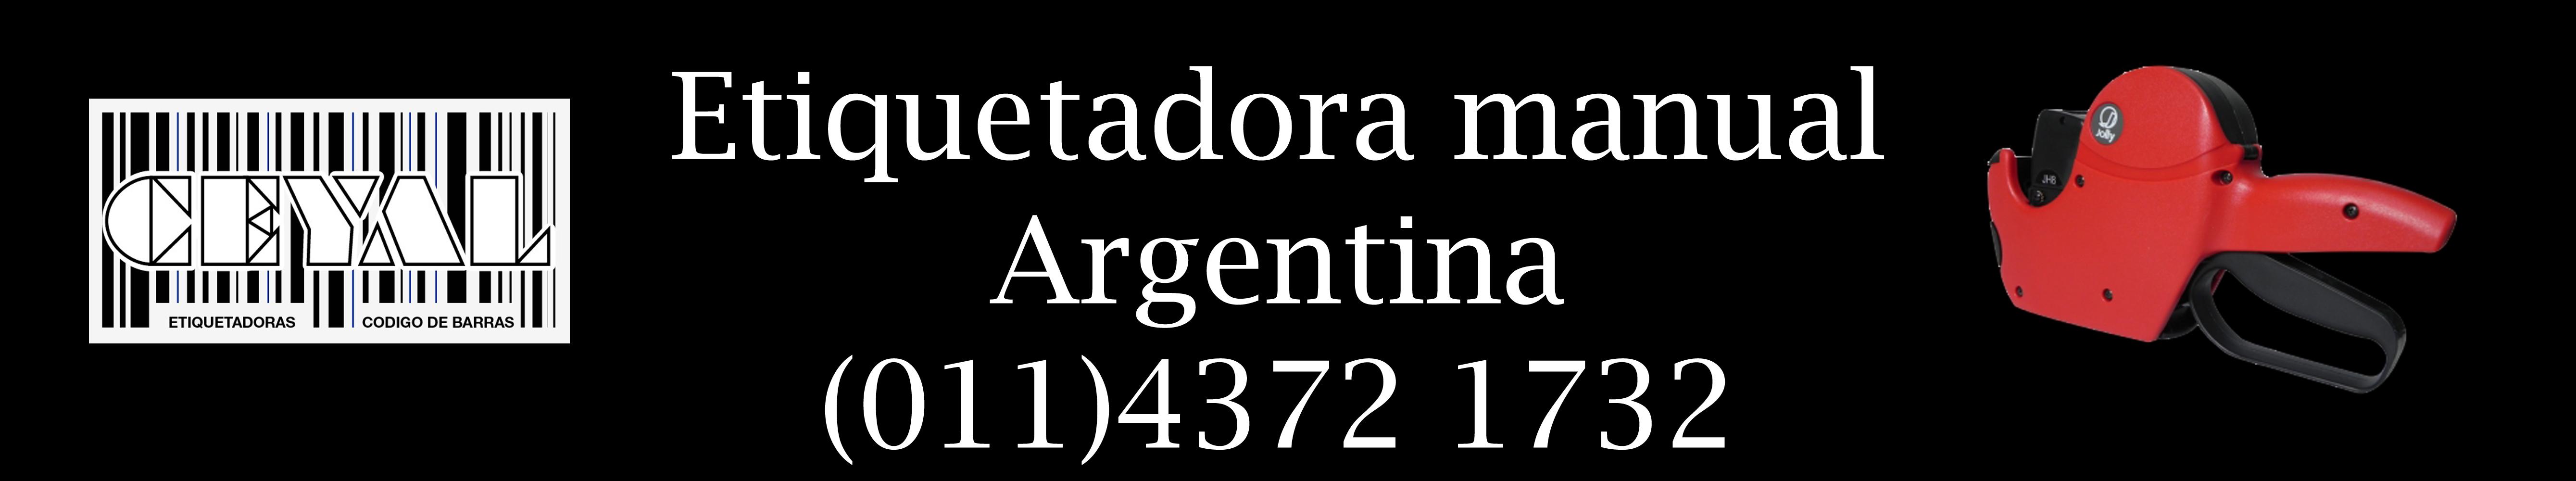 etiquetadora manual argentina